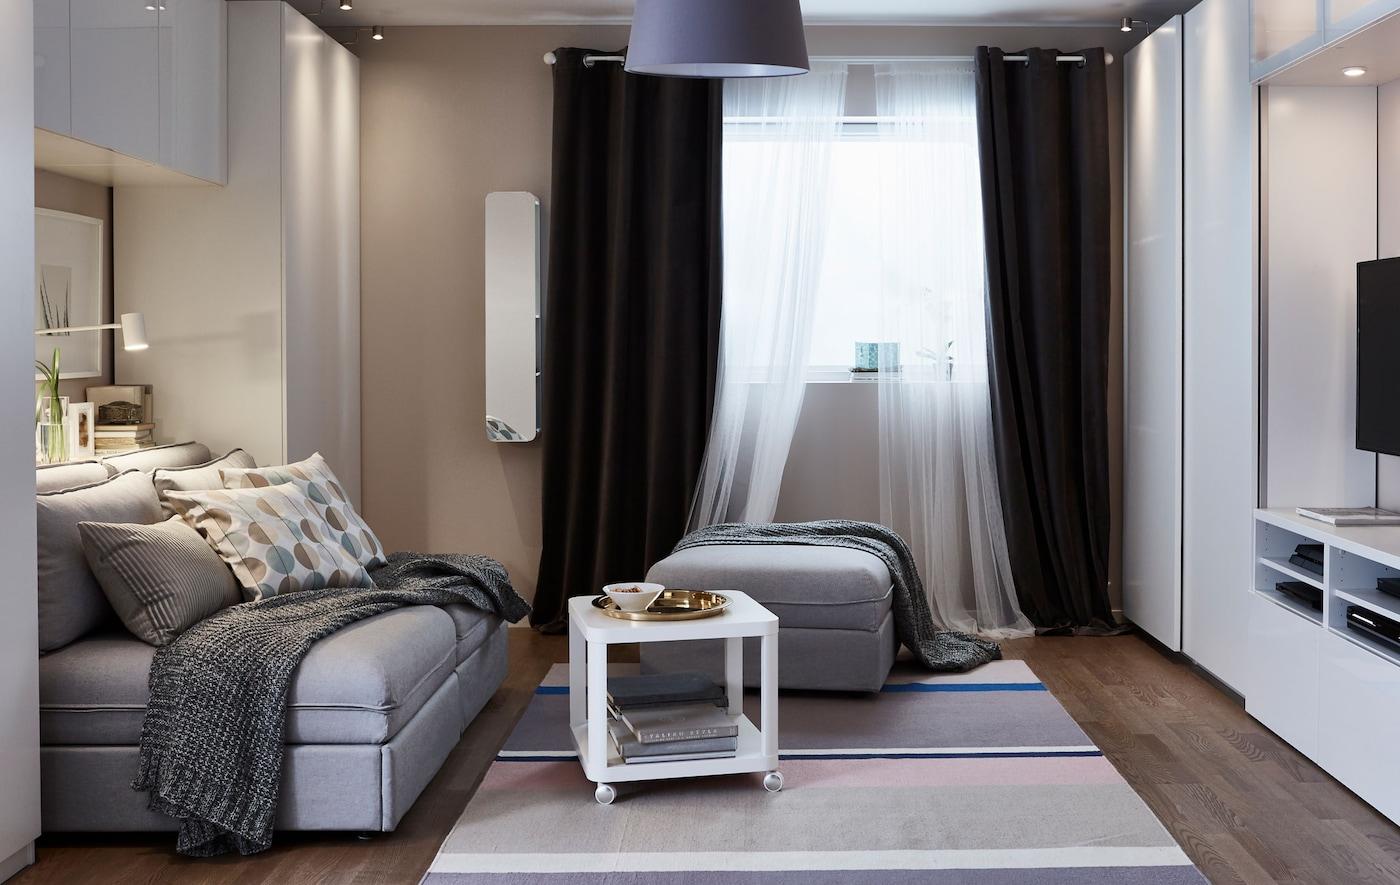 Cómo diseñar un salón multifuncional - IKEA